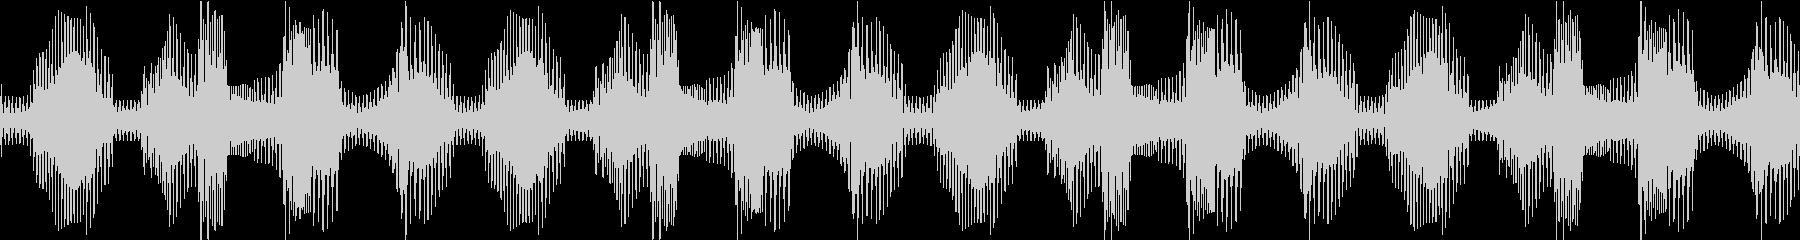 Techno ベース 1 音楽制作用の未再生の波形